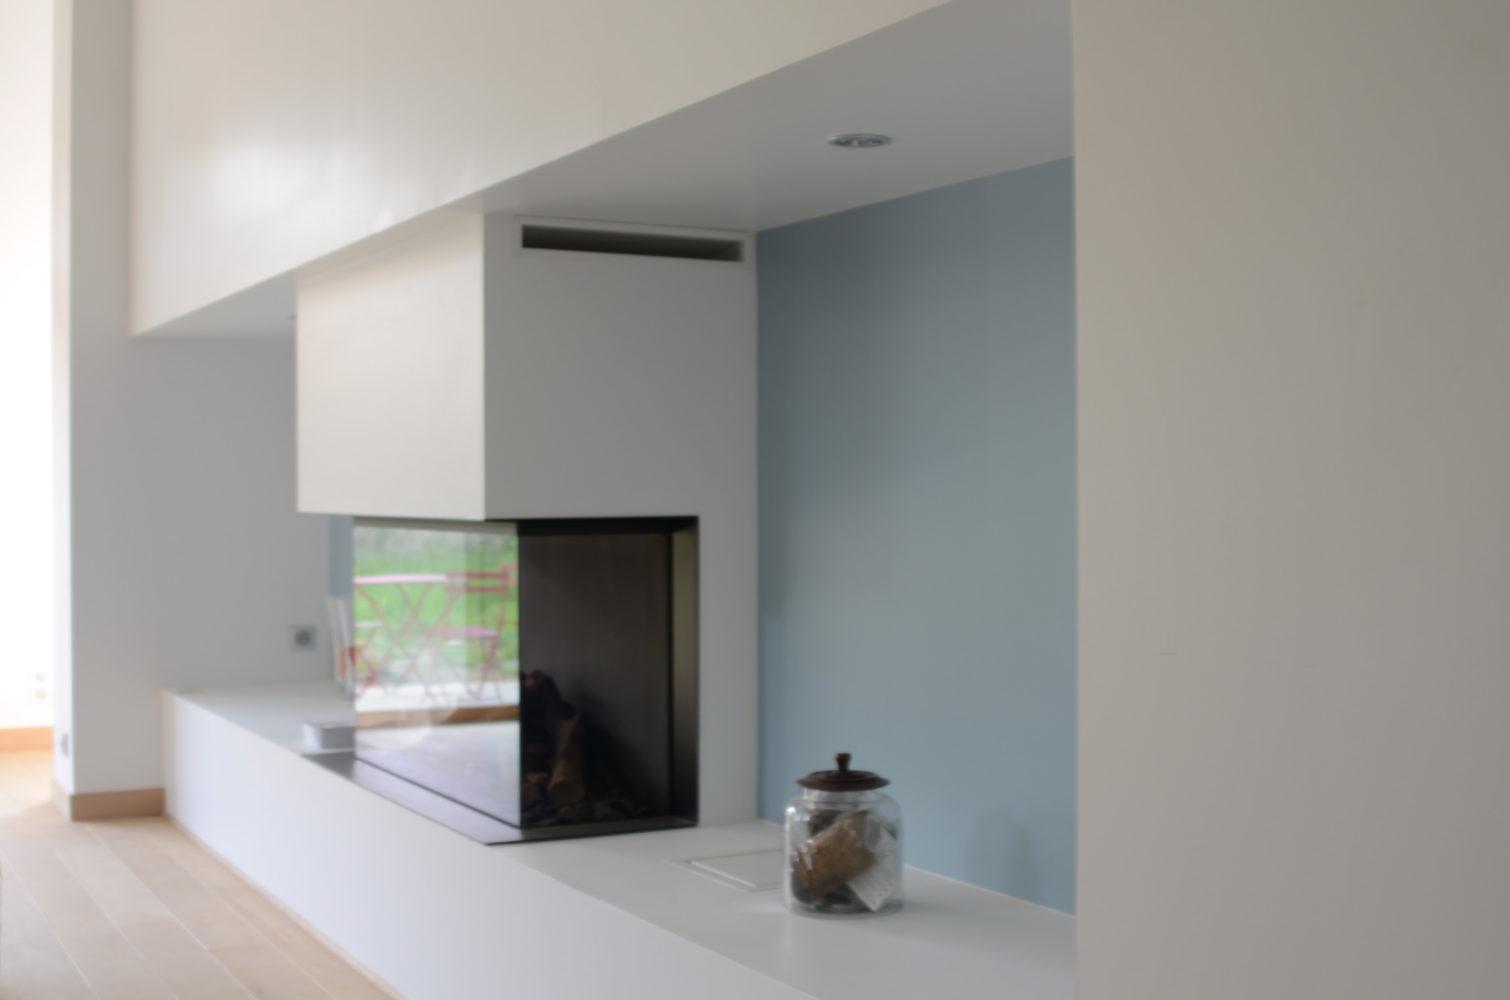 Rénovation-Vannes-Gwénael-LE-PORT-architecte-5-intérieur